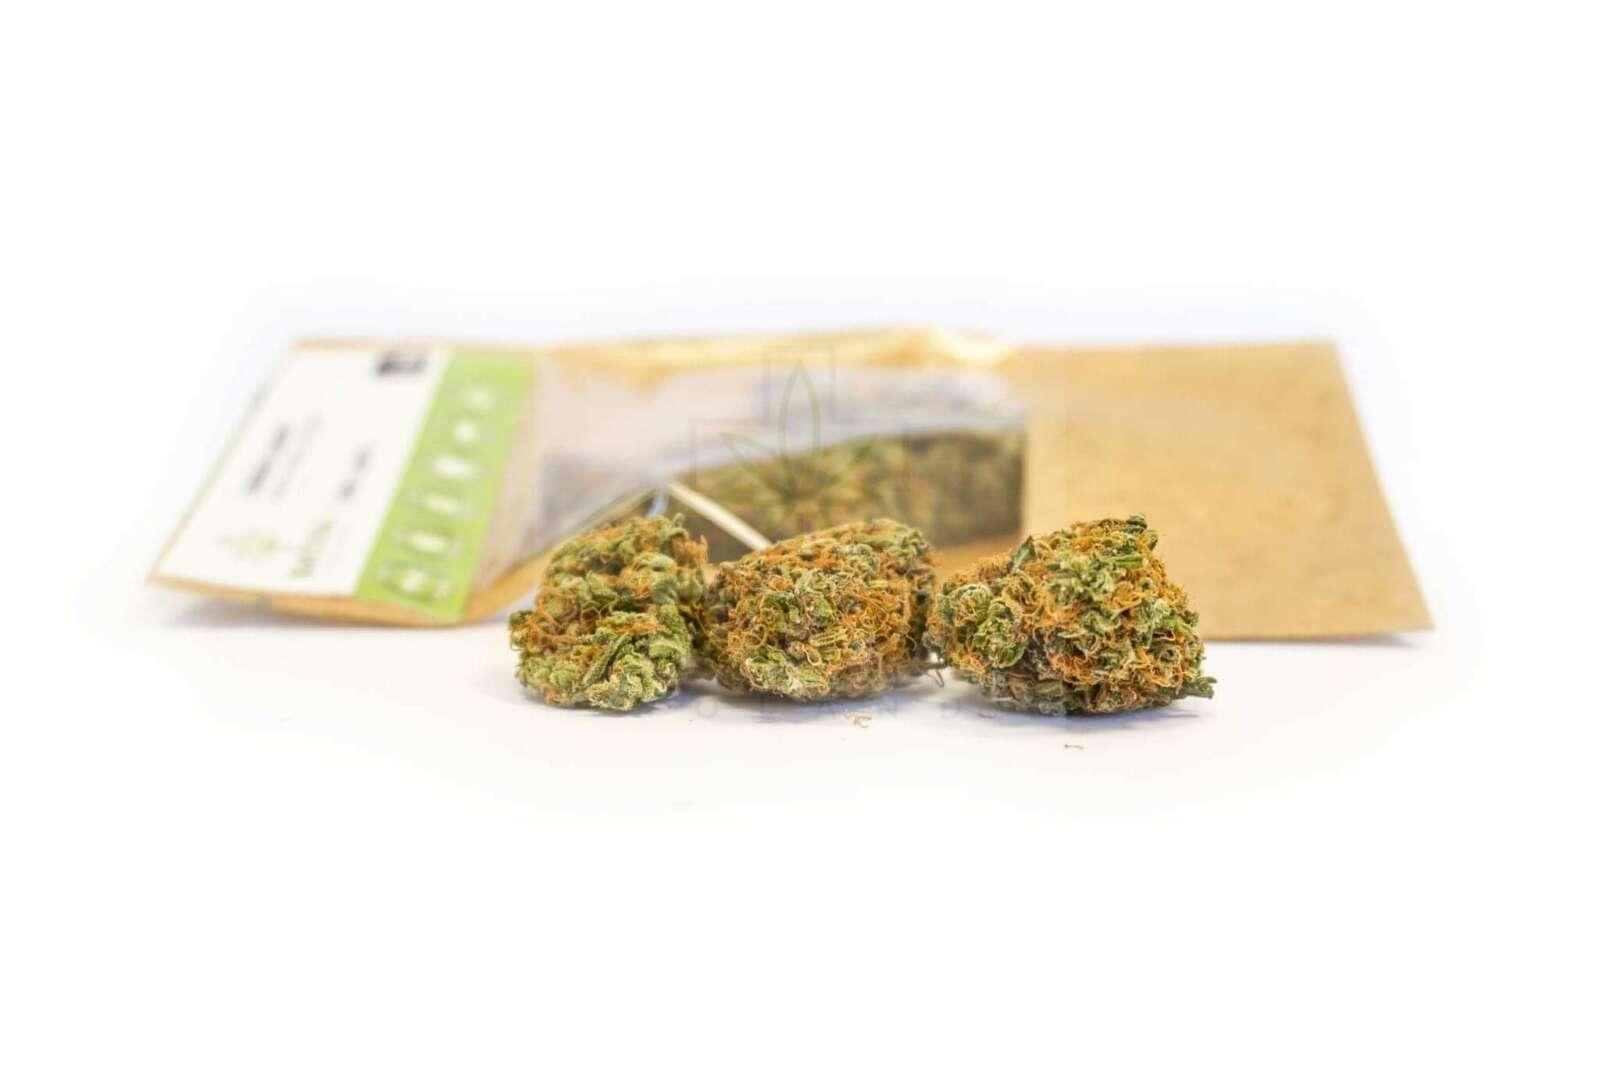 Susz-Green-Candy-Kwiaty-Konopi-Wloknistych-CBD (1)